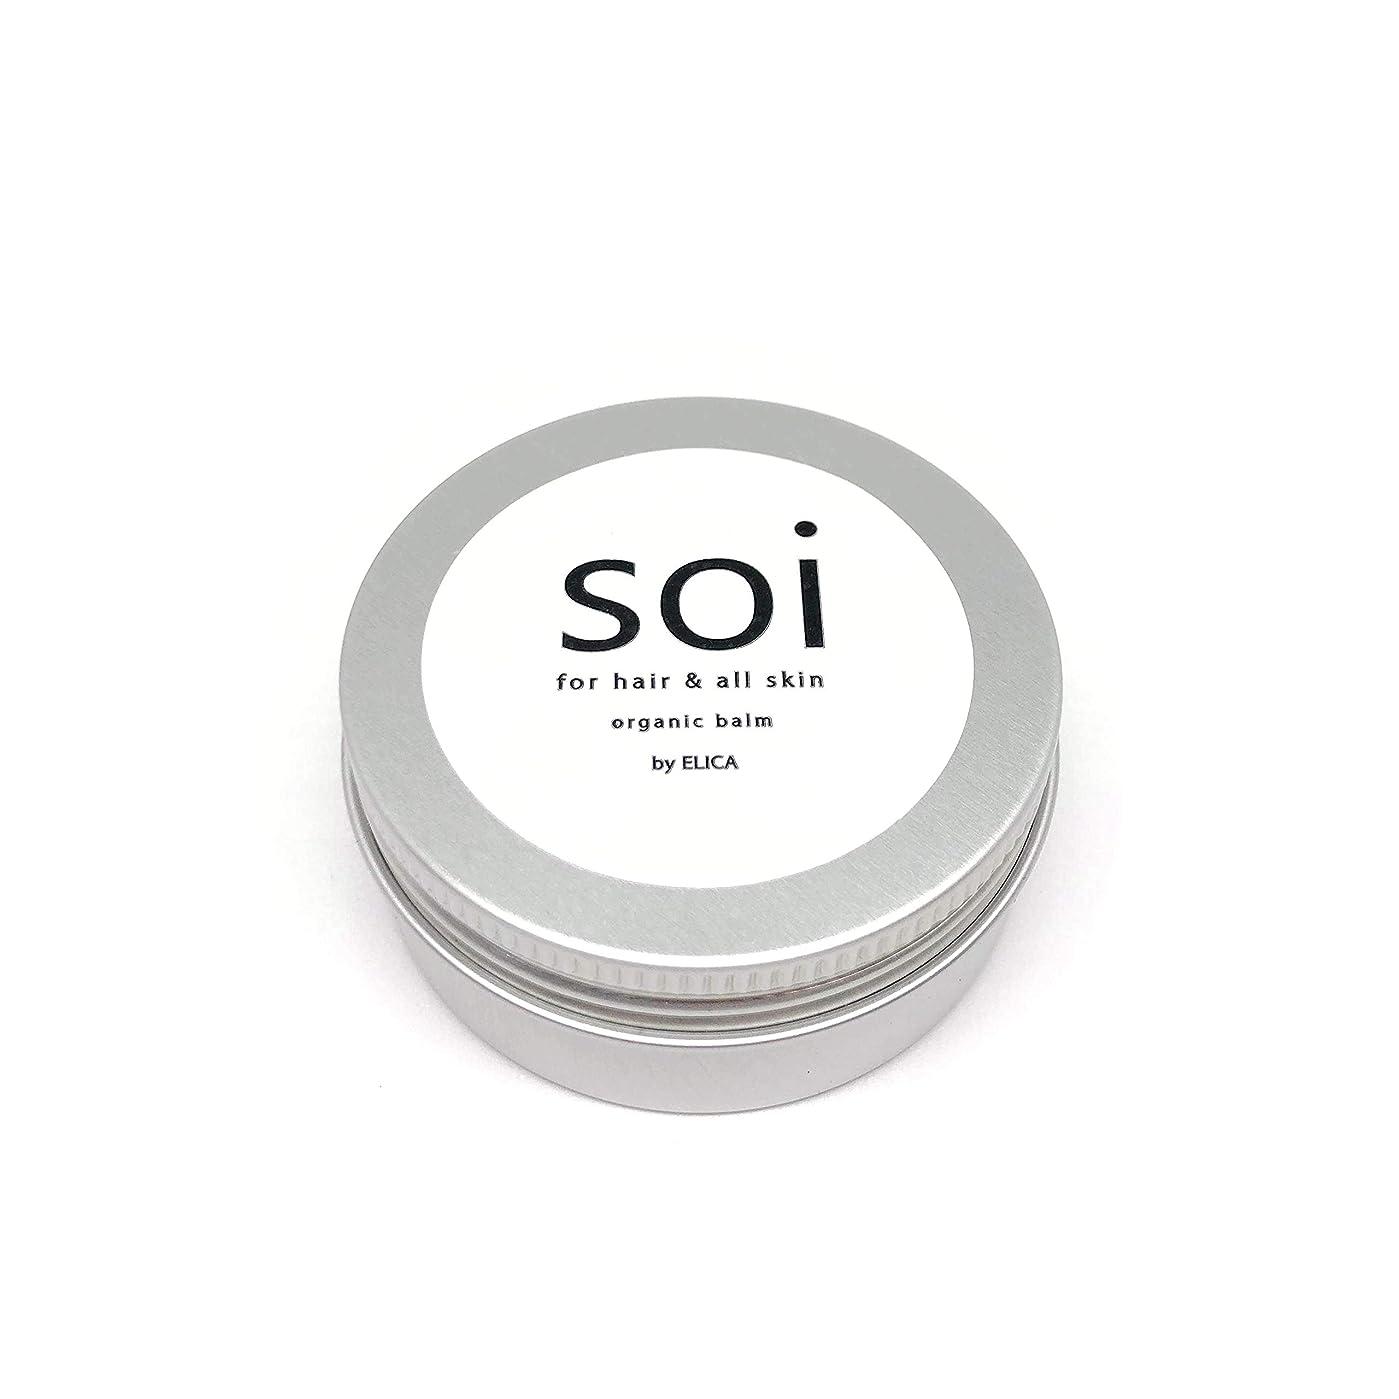 反射メロン気取らないsoibalm/ソイバーム オーガニックワックス 【濡れ感×自然な束感】濡れ髪風仕上げにおすすめ